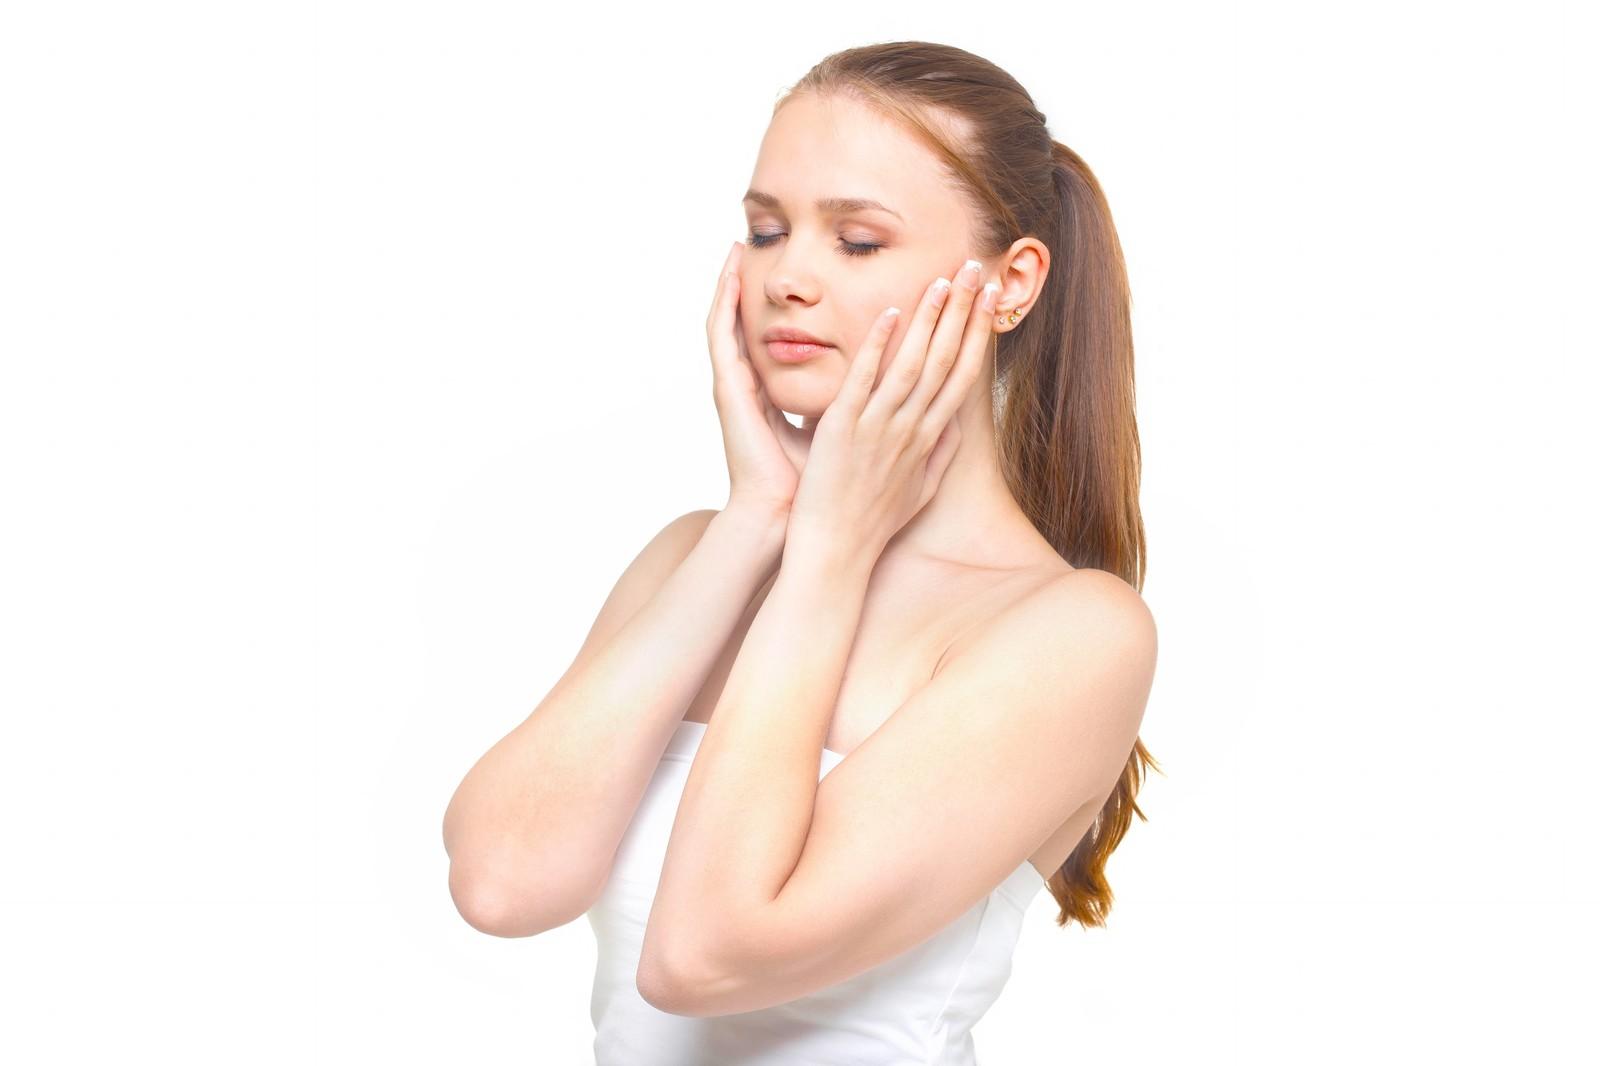 顔のマッサージって痛いくらいで良いの?【危険】むしろ顔が大きくなることも!